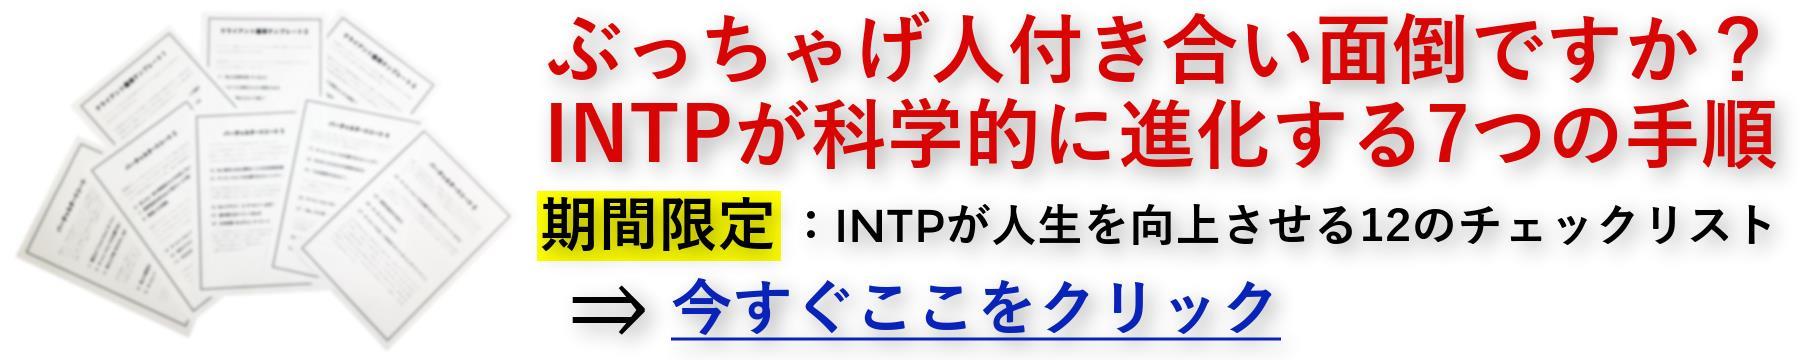 恋愛 Intp